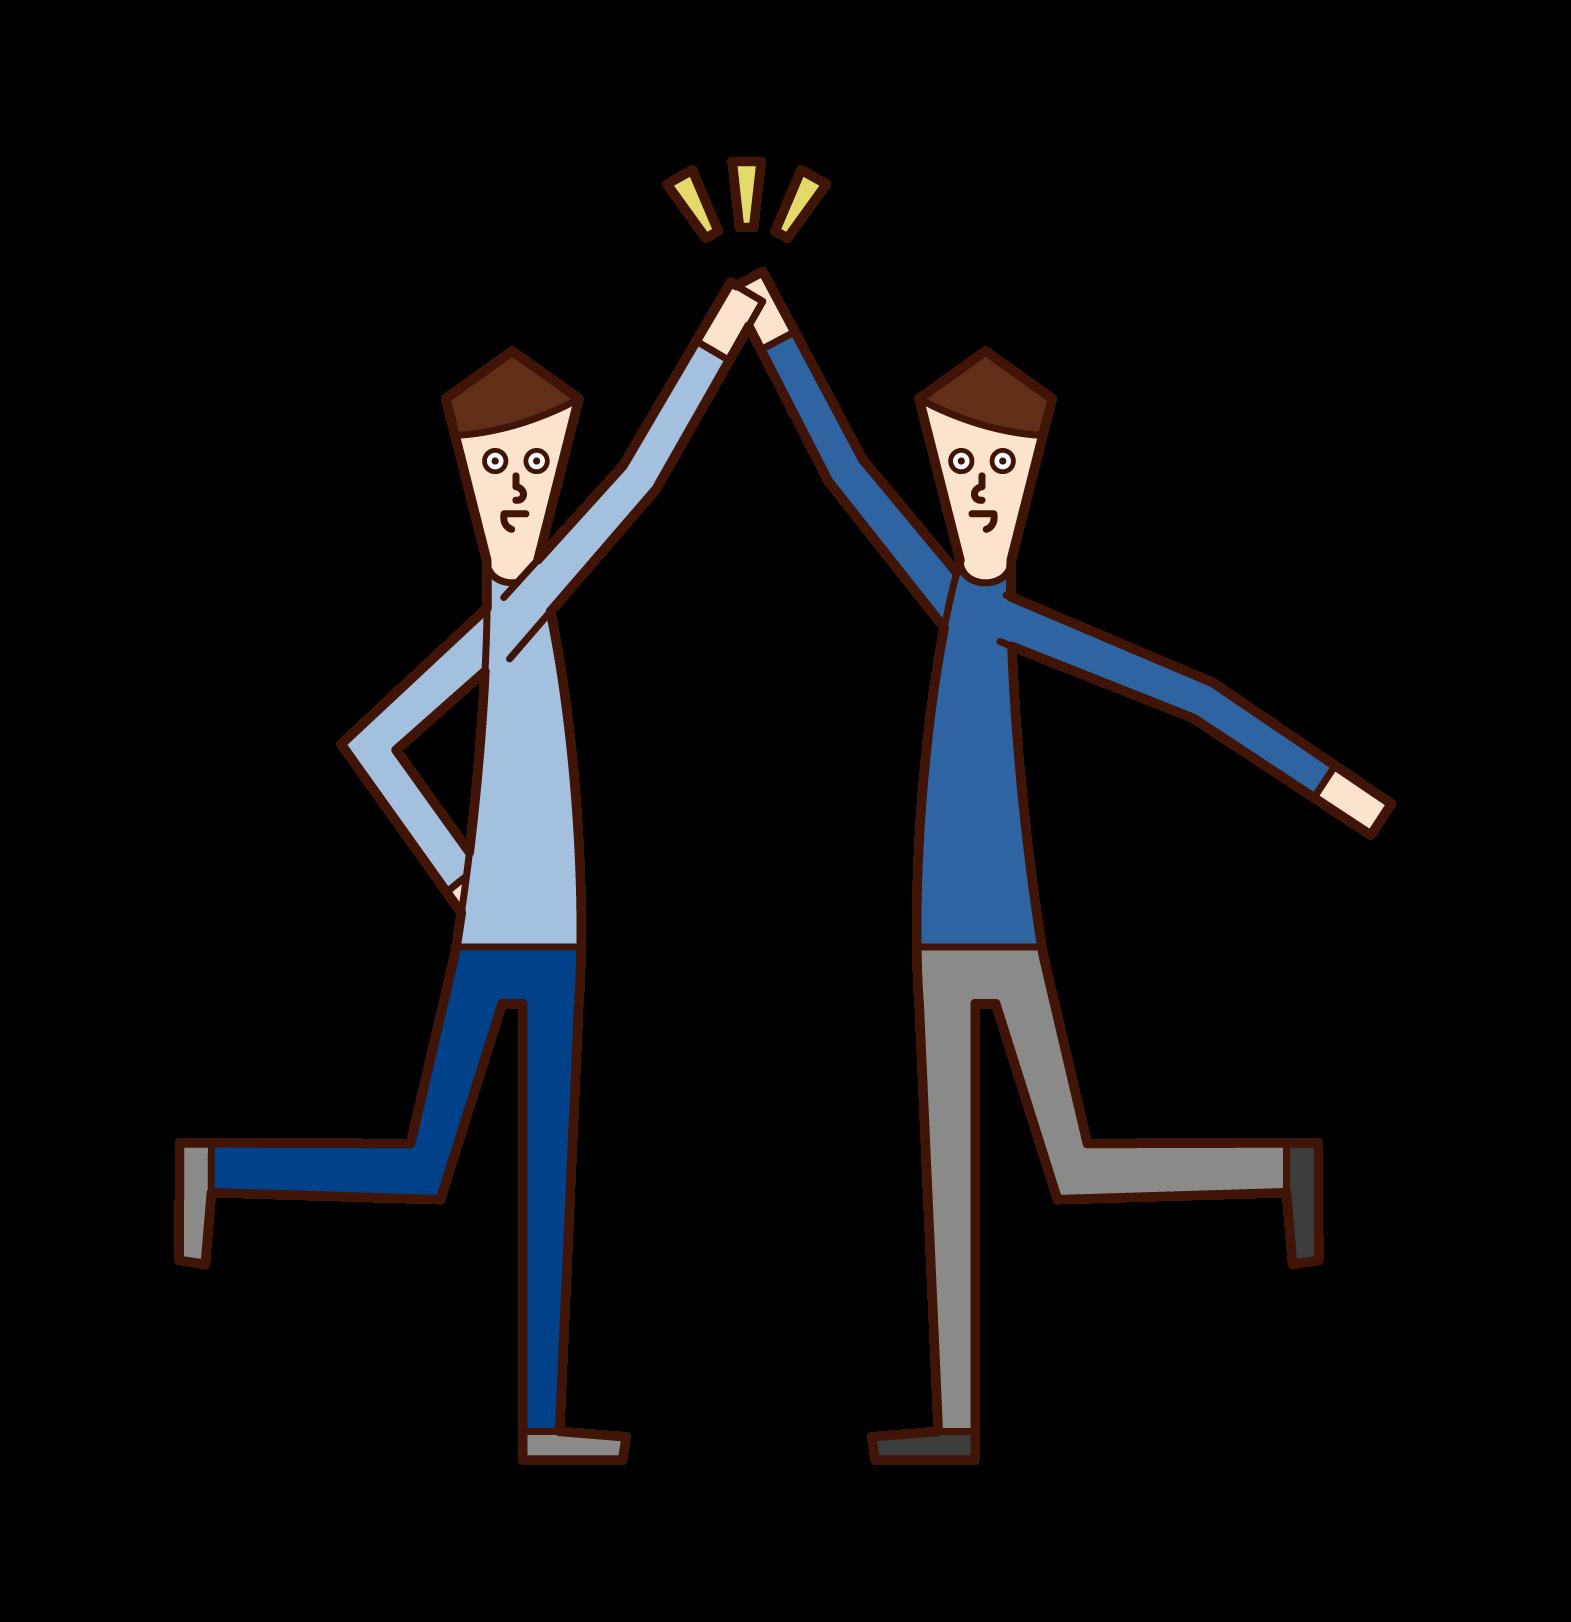 ハイタッチをする人たち(男性)のイラスト